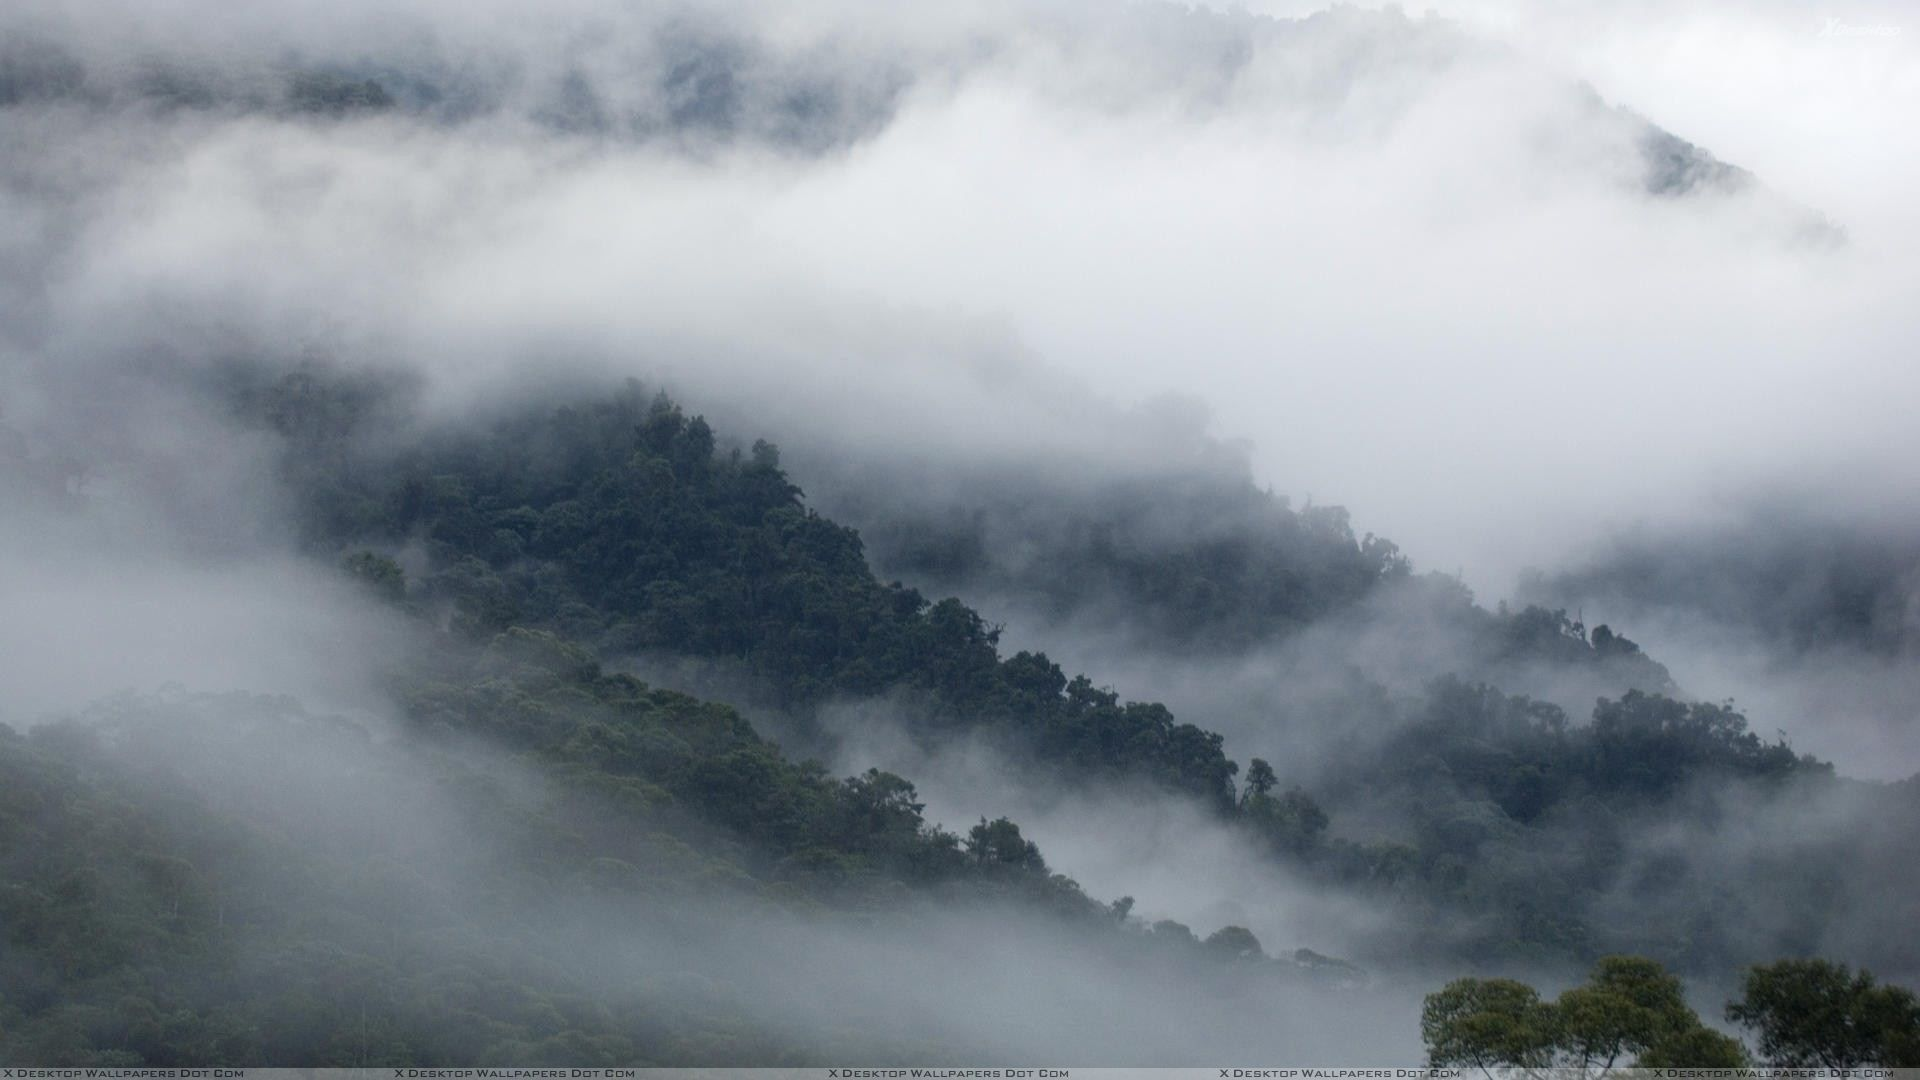 Simple Wallpaper Mountain Fog - 1c535e7e3fcbfa830ecaf6e41ed15831  Image_798710.jpg